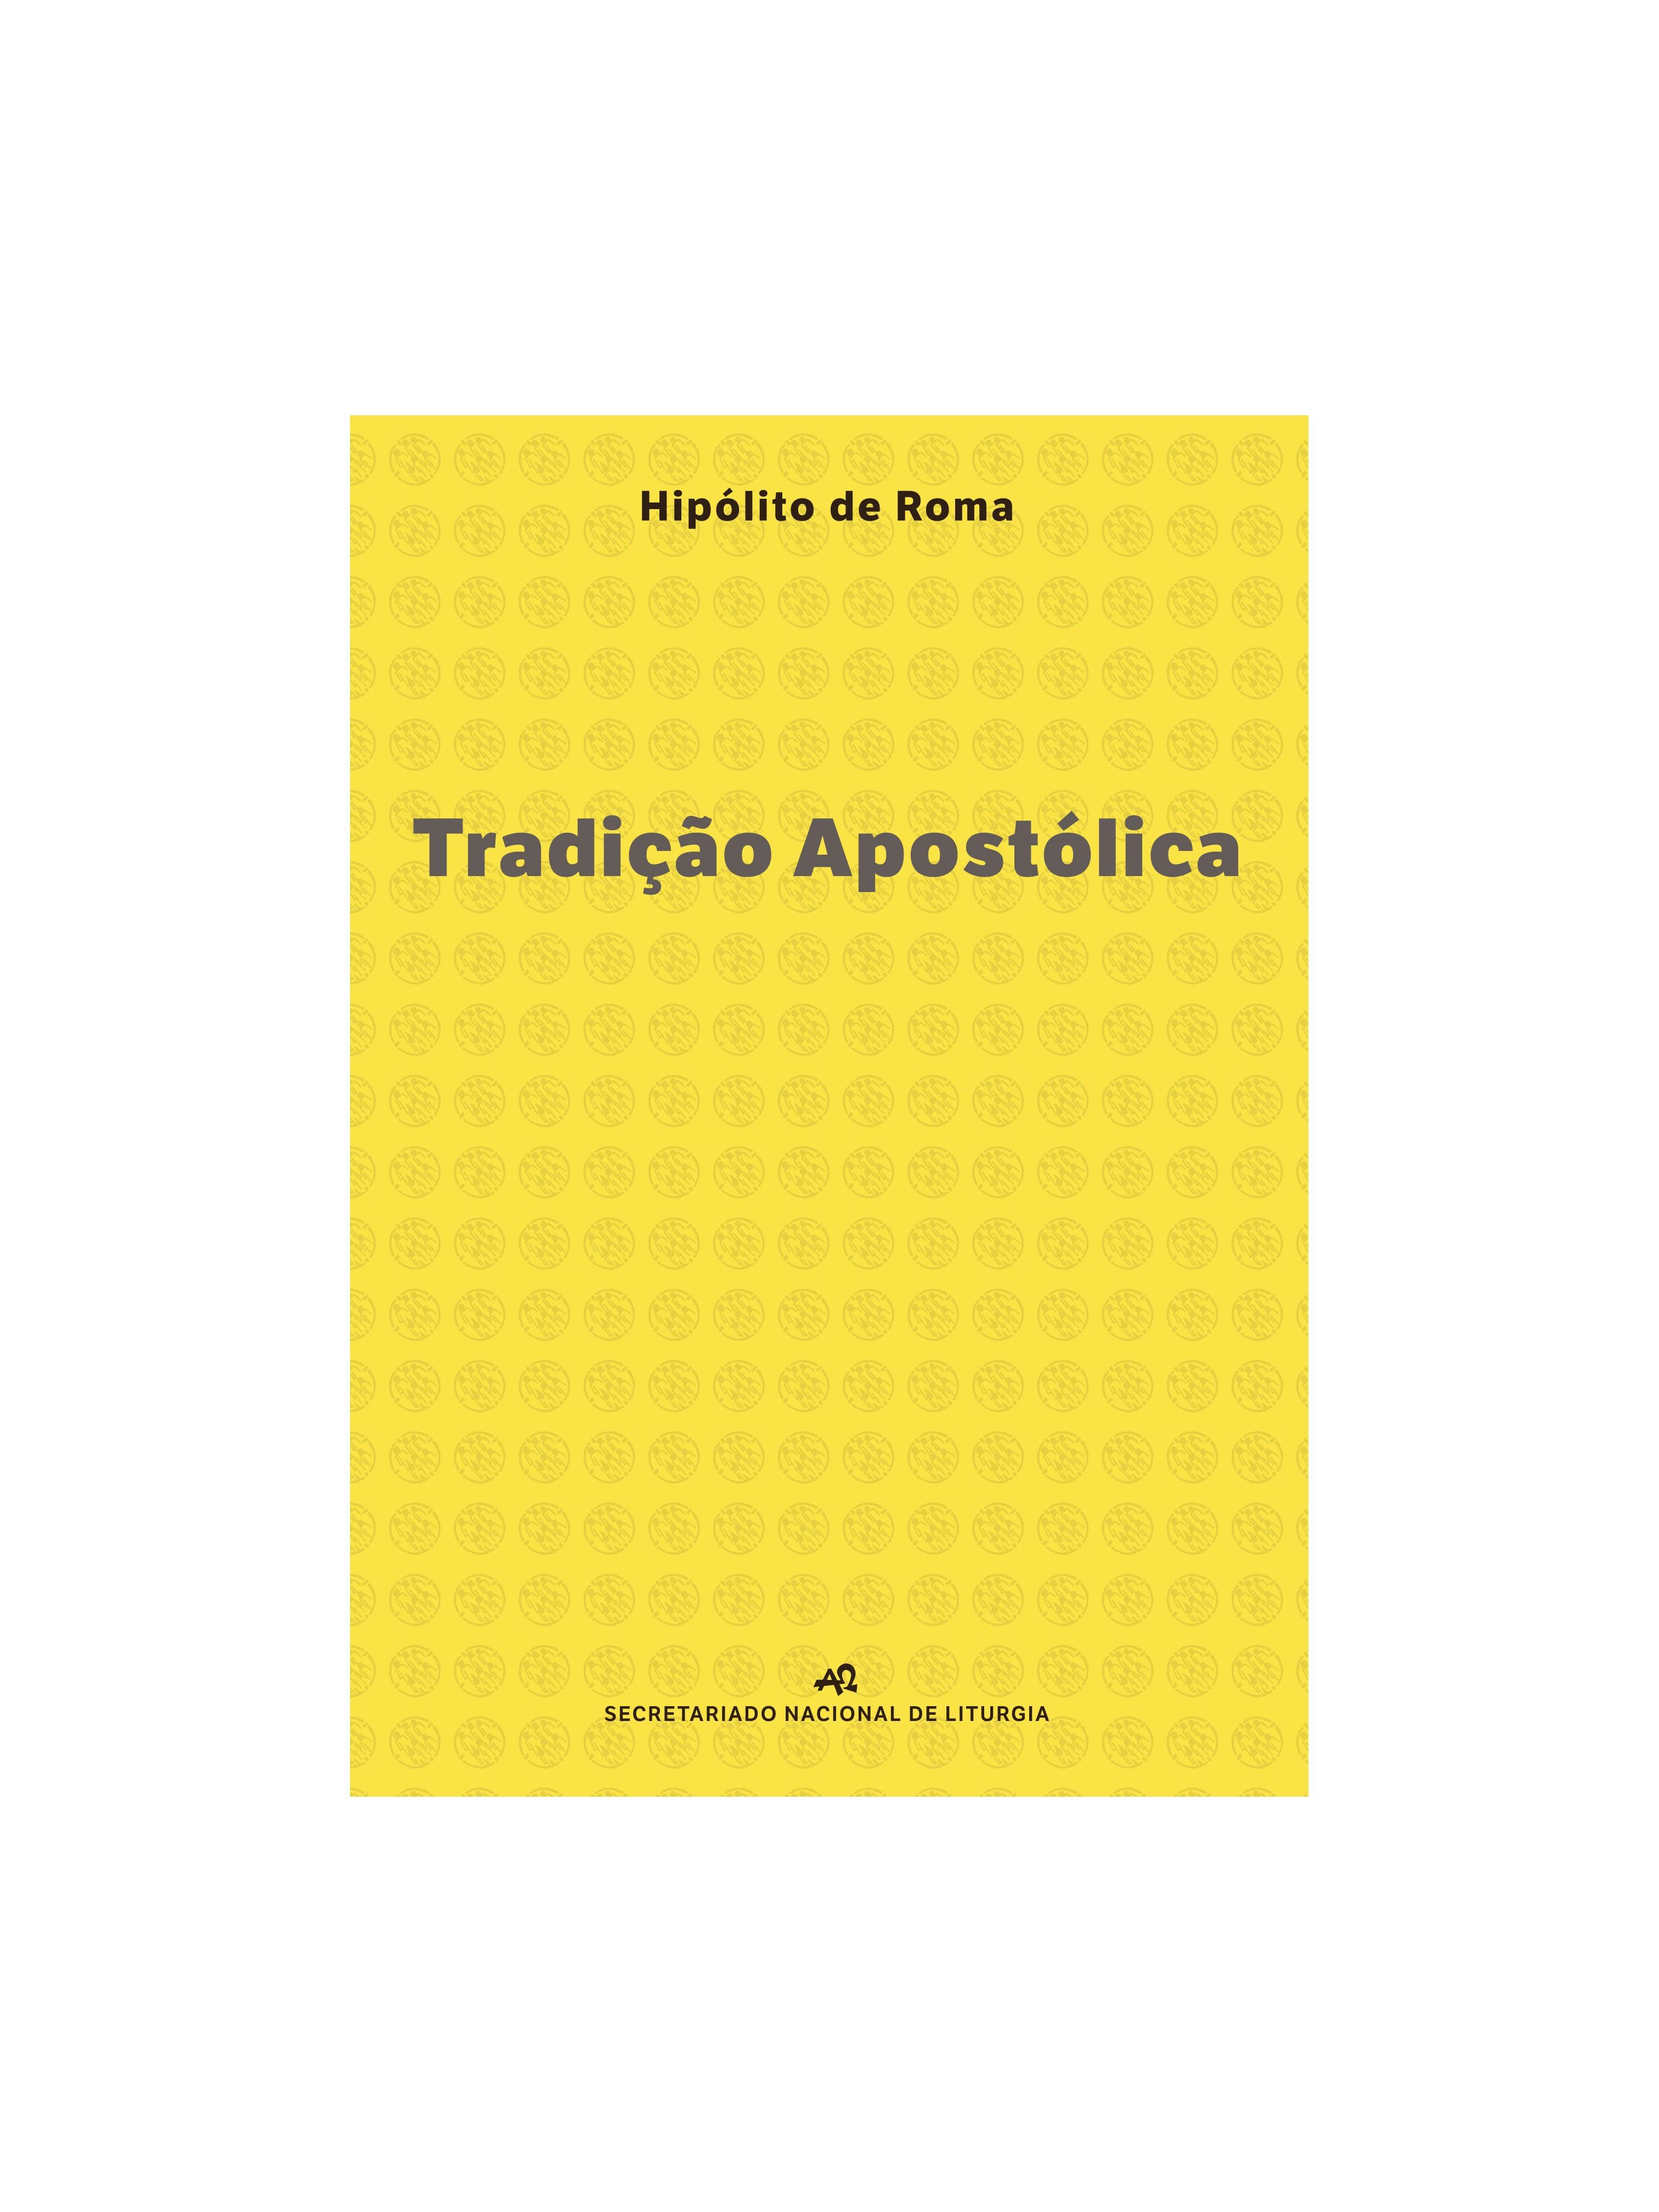 Tradição Apostólica